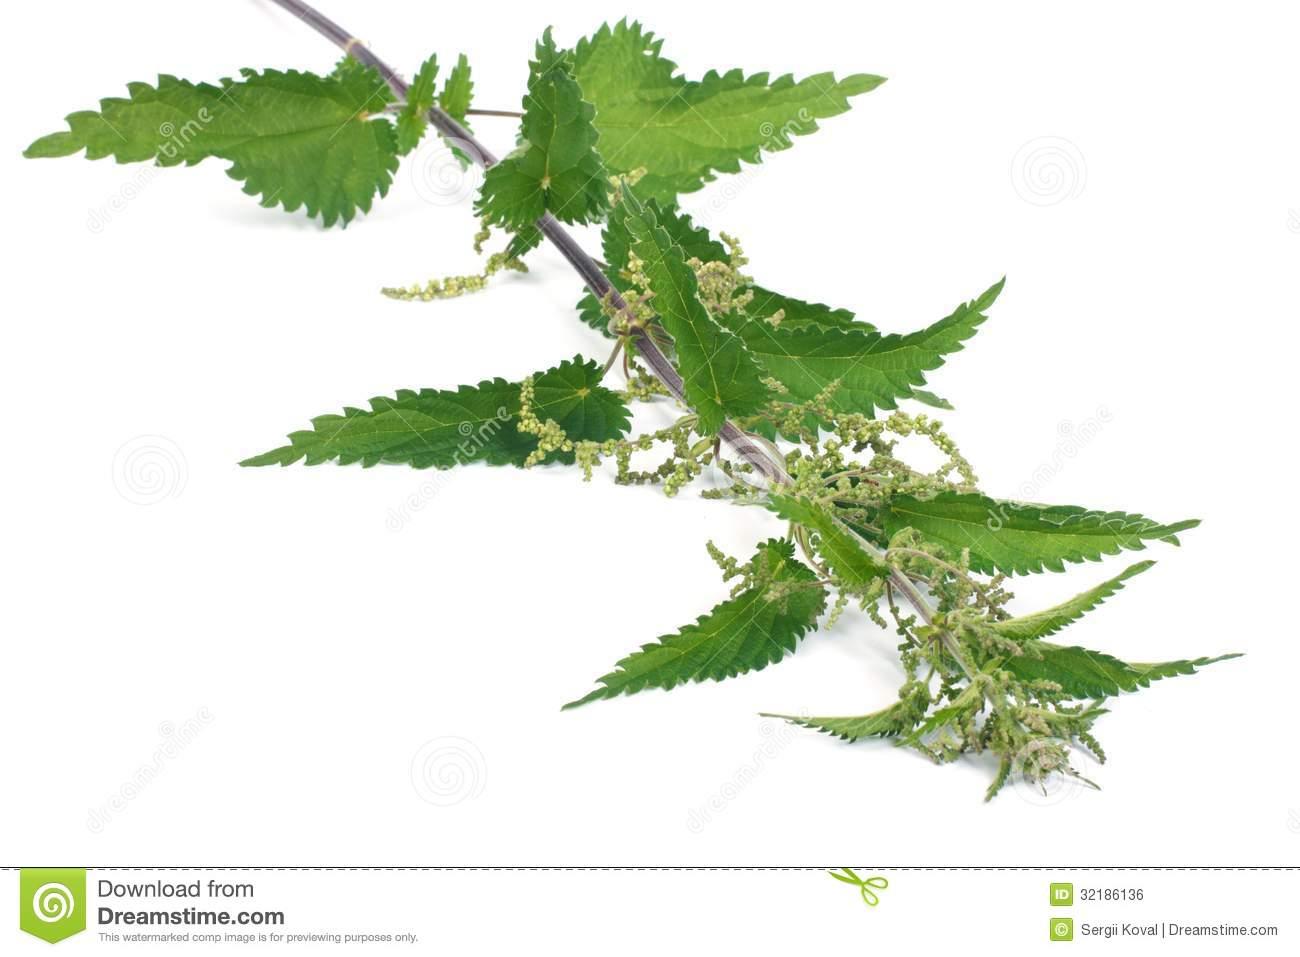 Stinging Nettle Plant Isolated On White Royalty Free Stock Image.